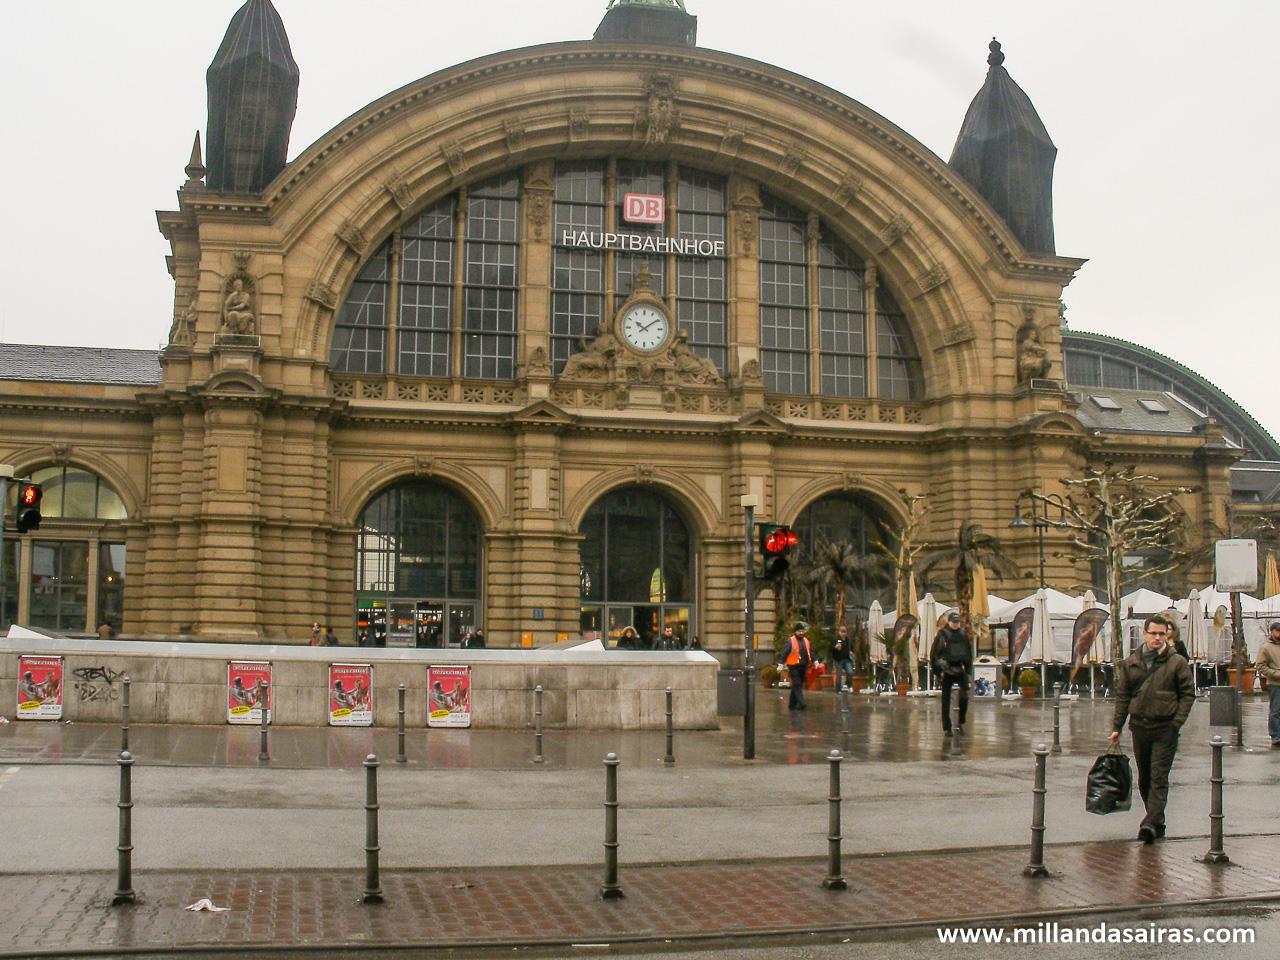 Estación central de tren de Frankfurt